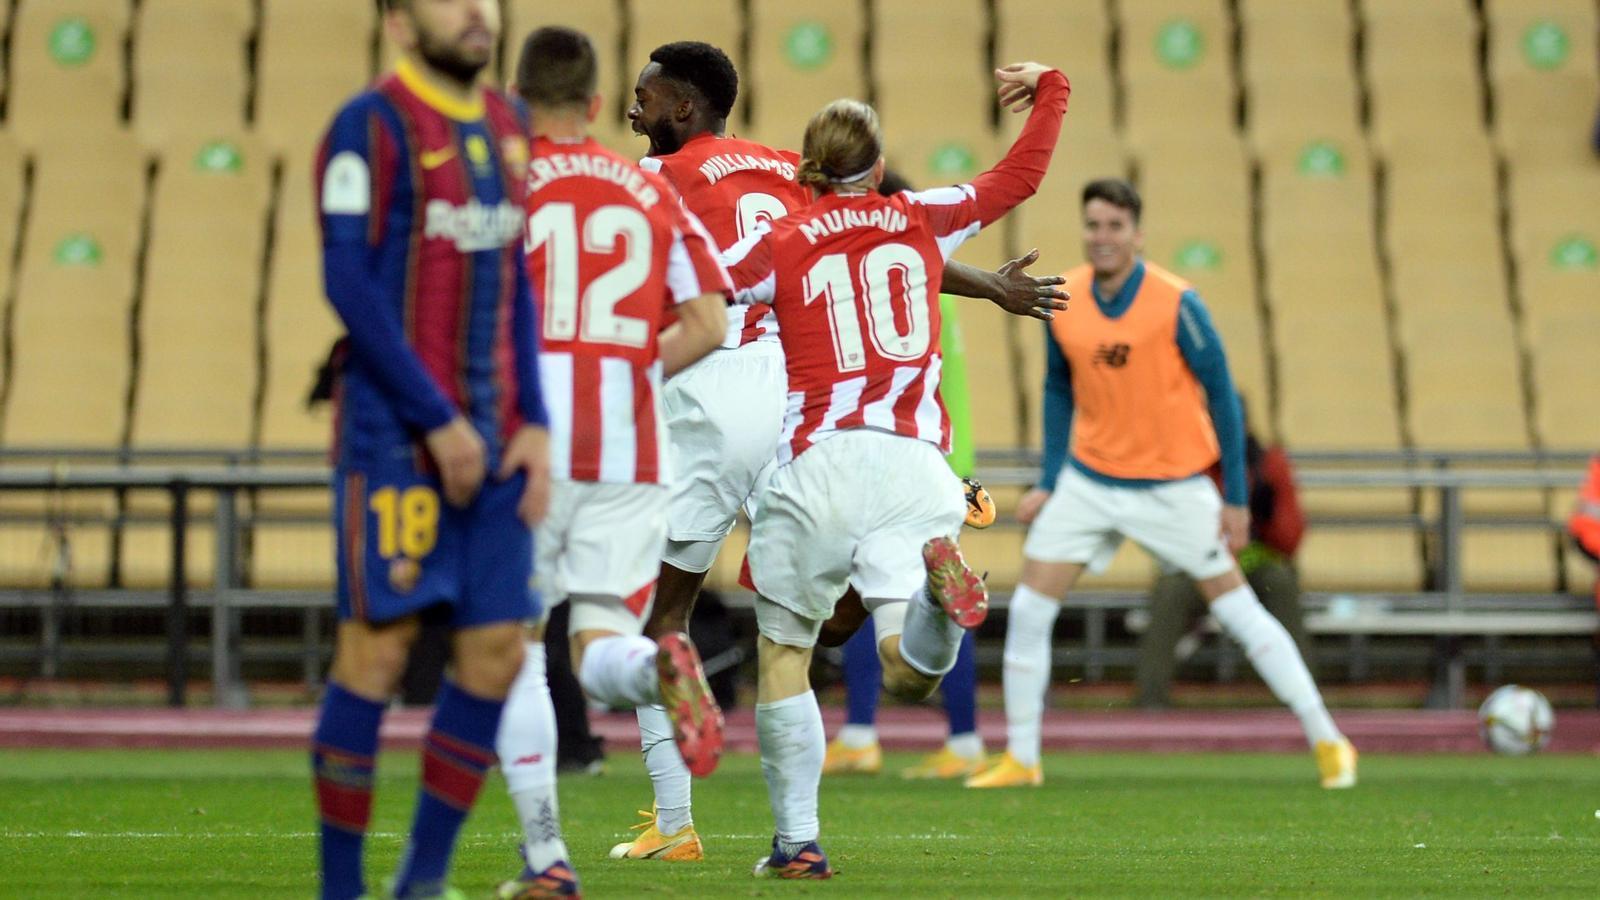 Els jugadors de l'Ahtletic Club celebrant el gol d'Iñaki Williams